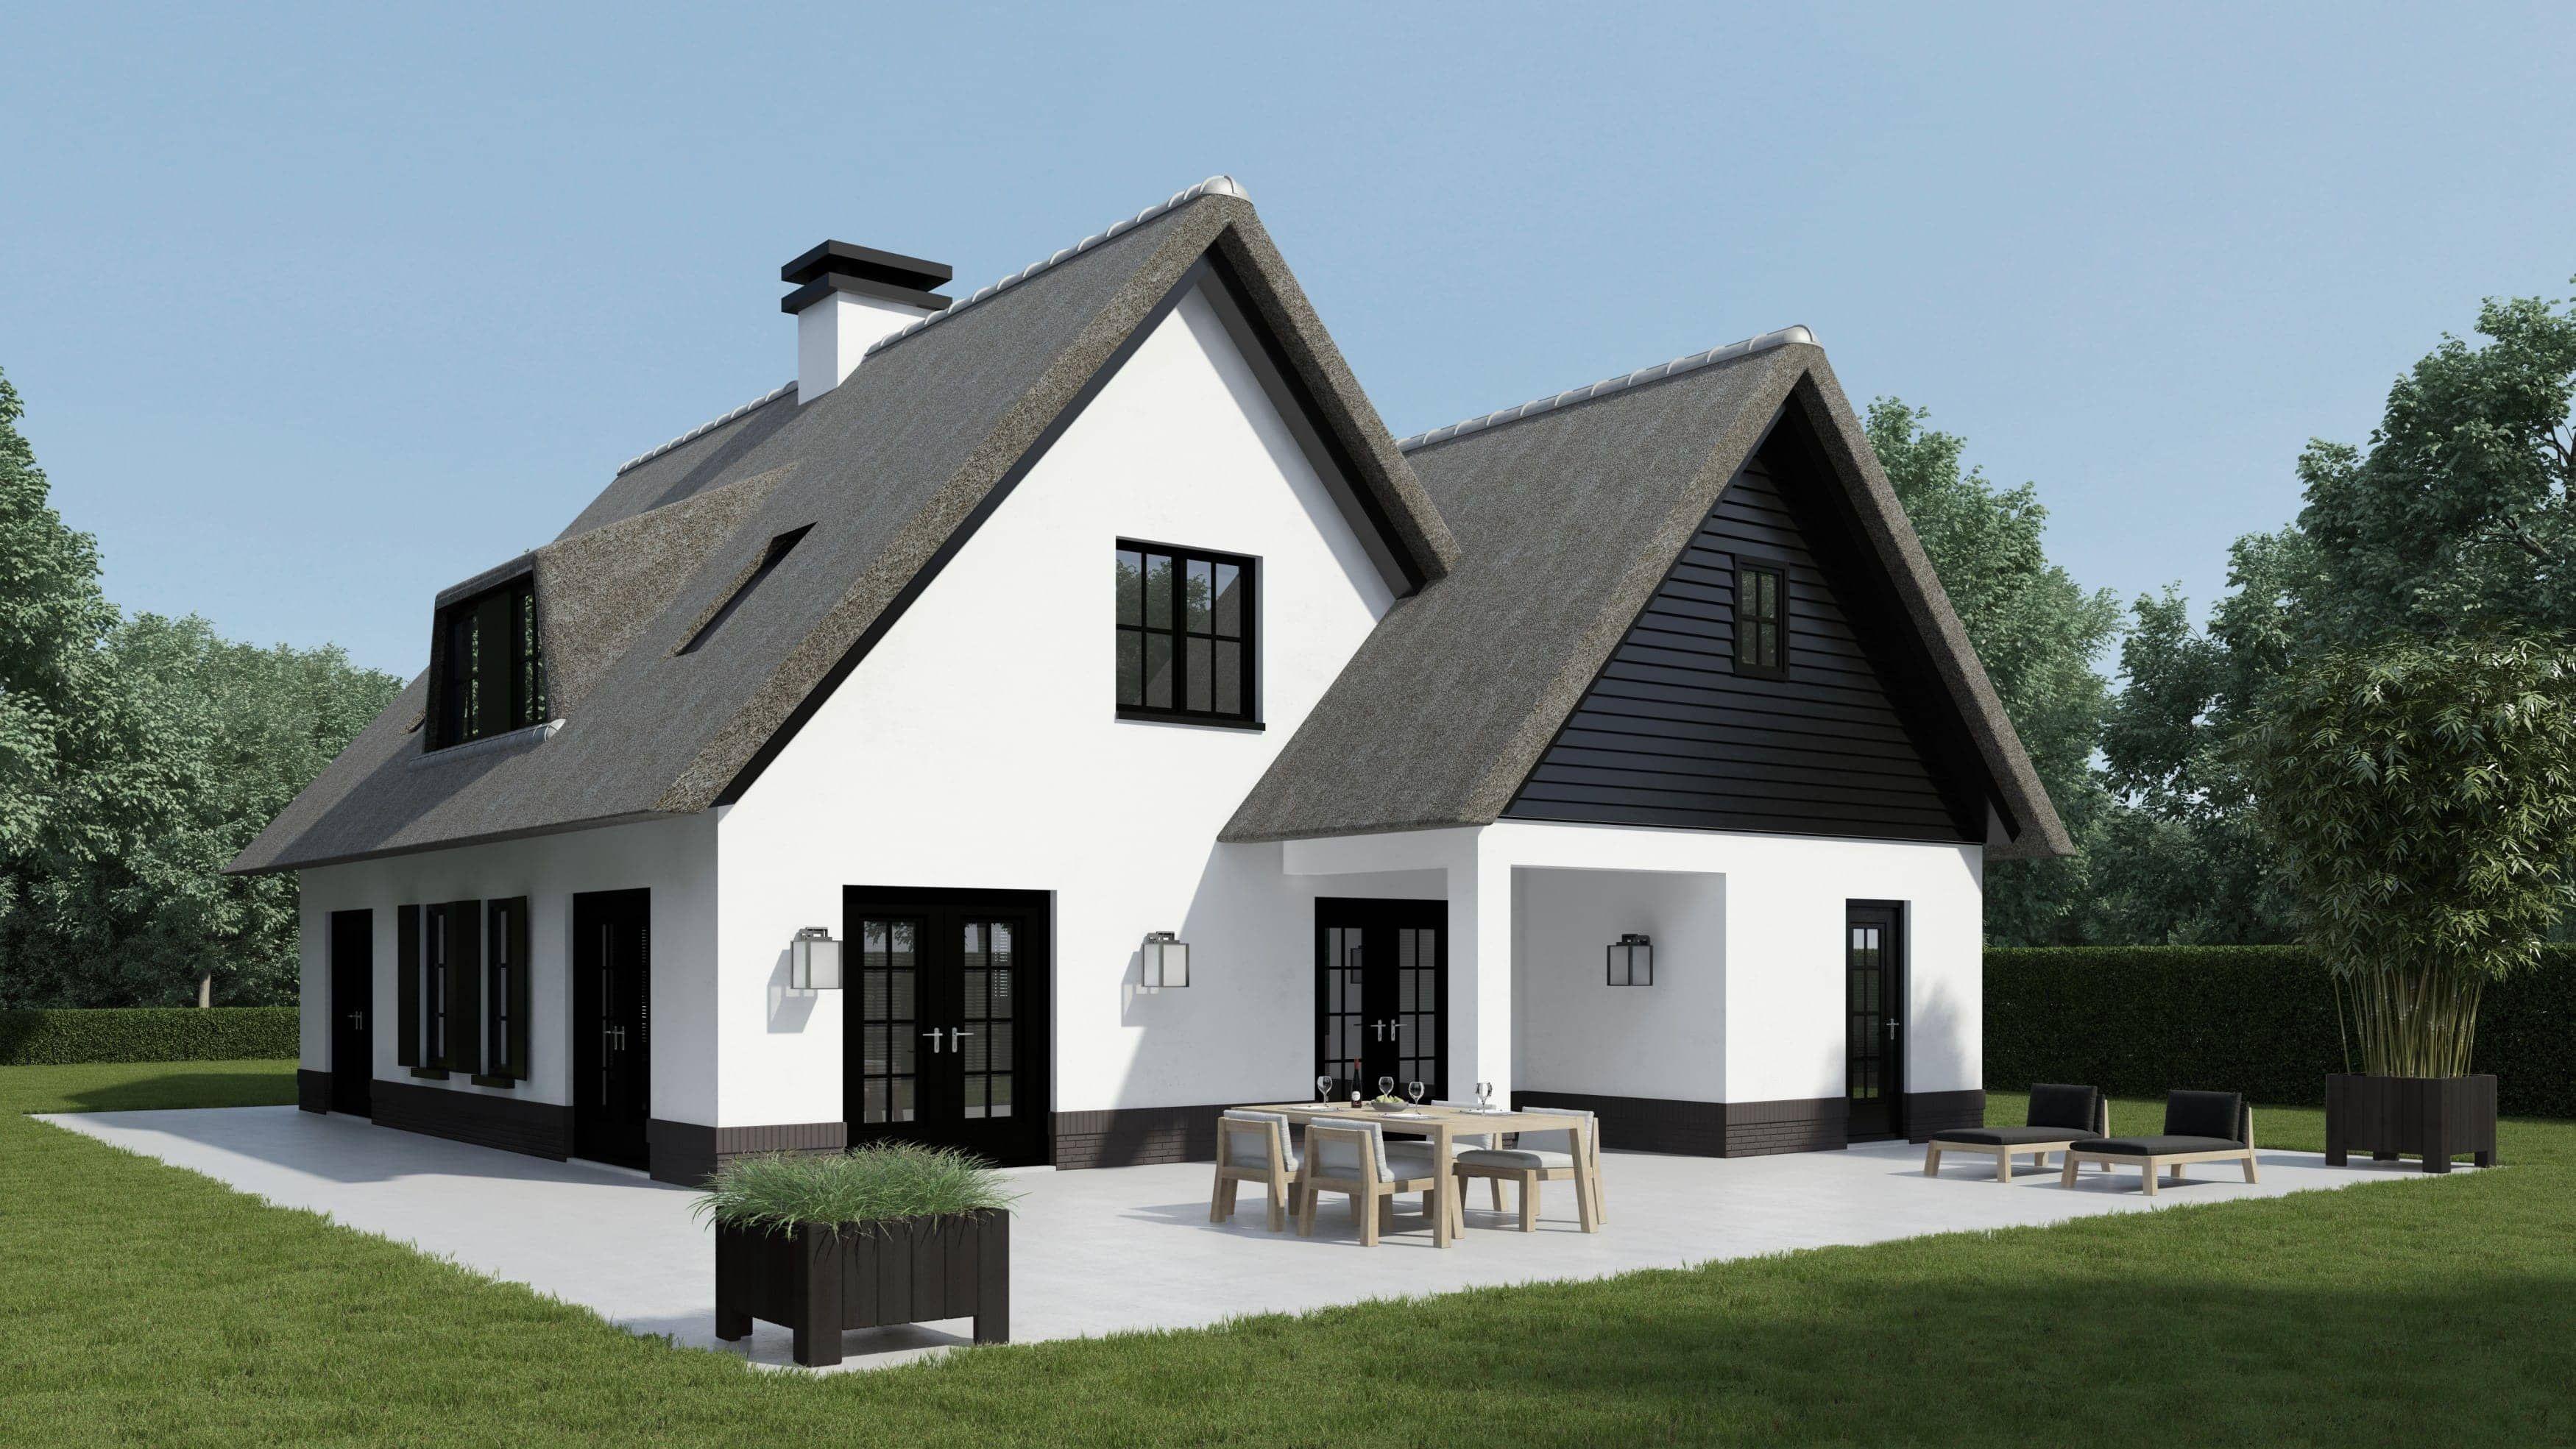 Huis Laten Bouwen : Perfect tot in ieder detail een eigen huis laten bouwen is een